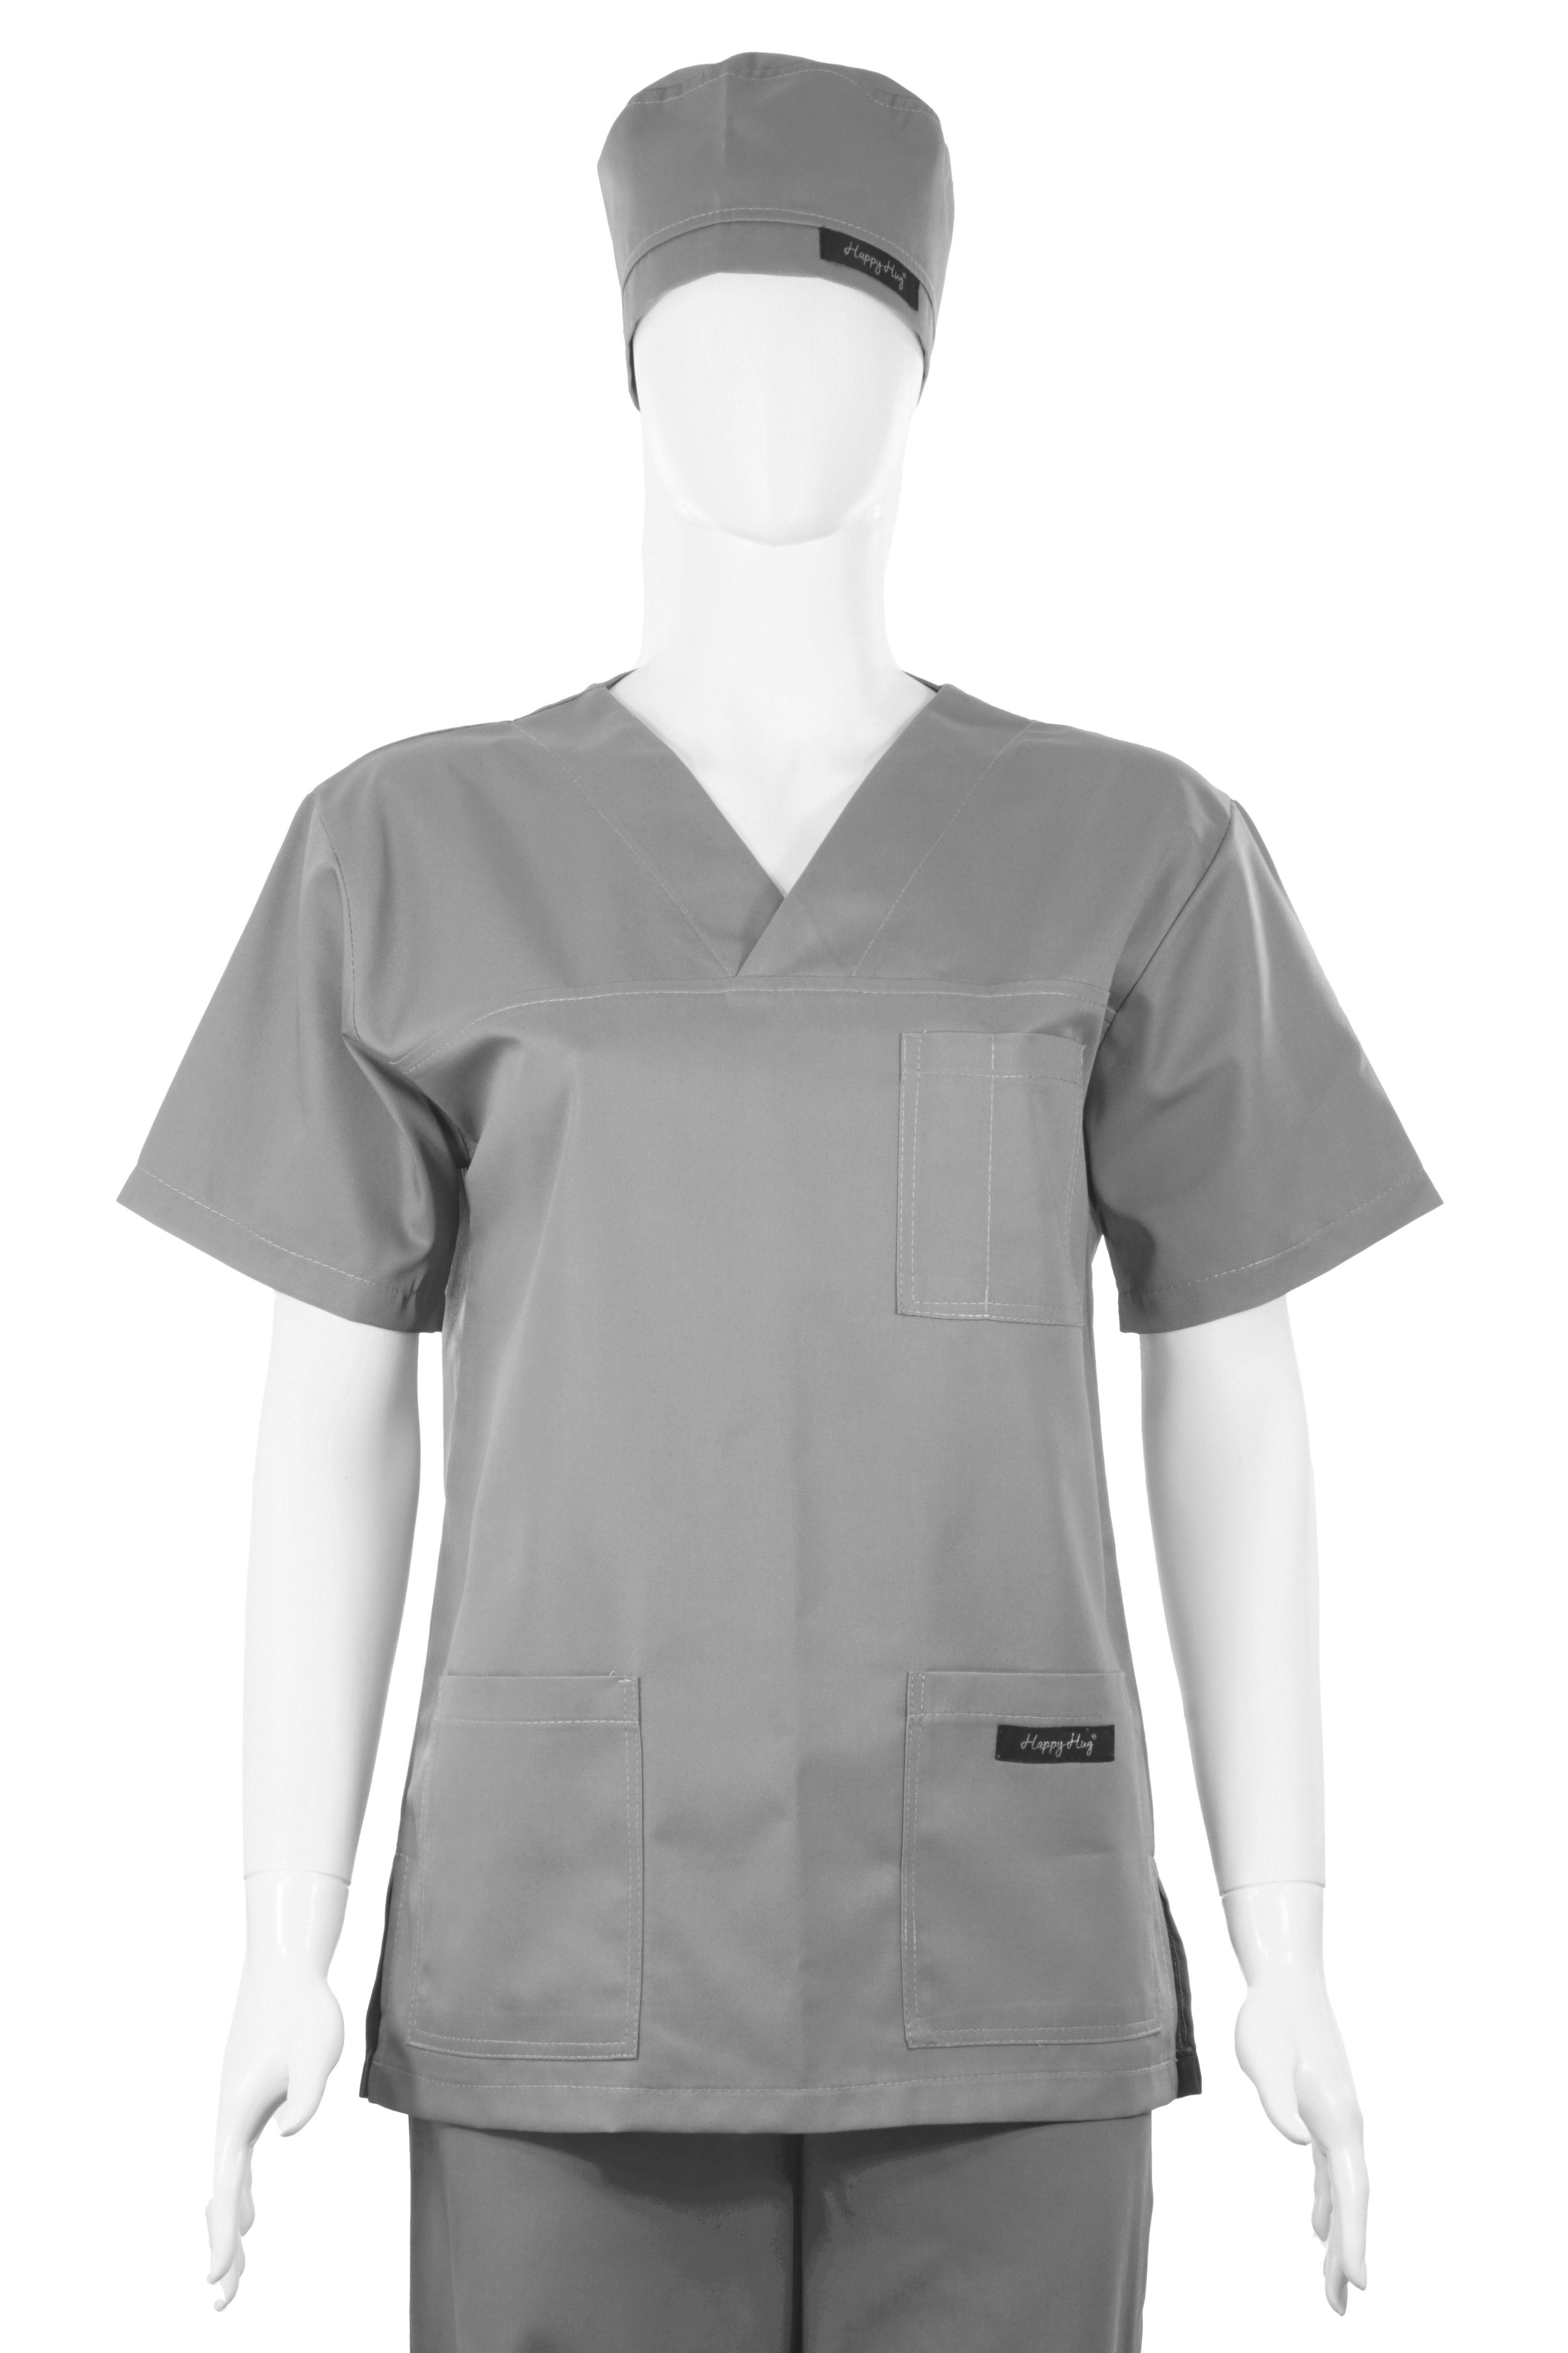 Costum Medical Unisex Gri 2XL 2XL [0]